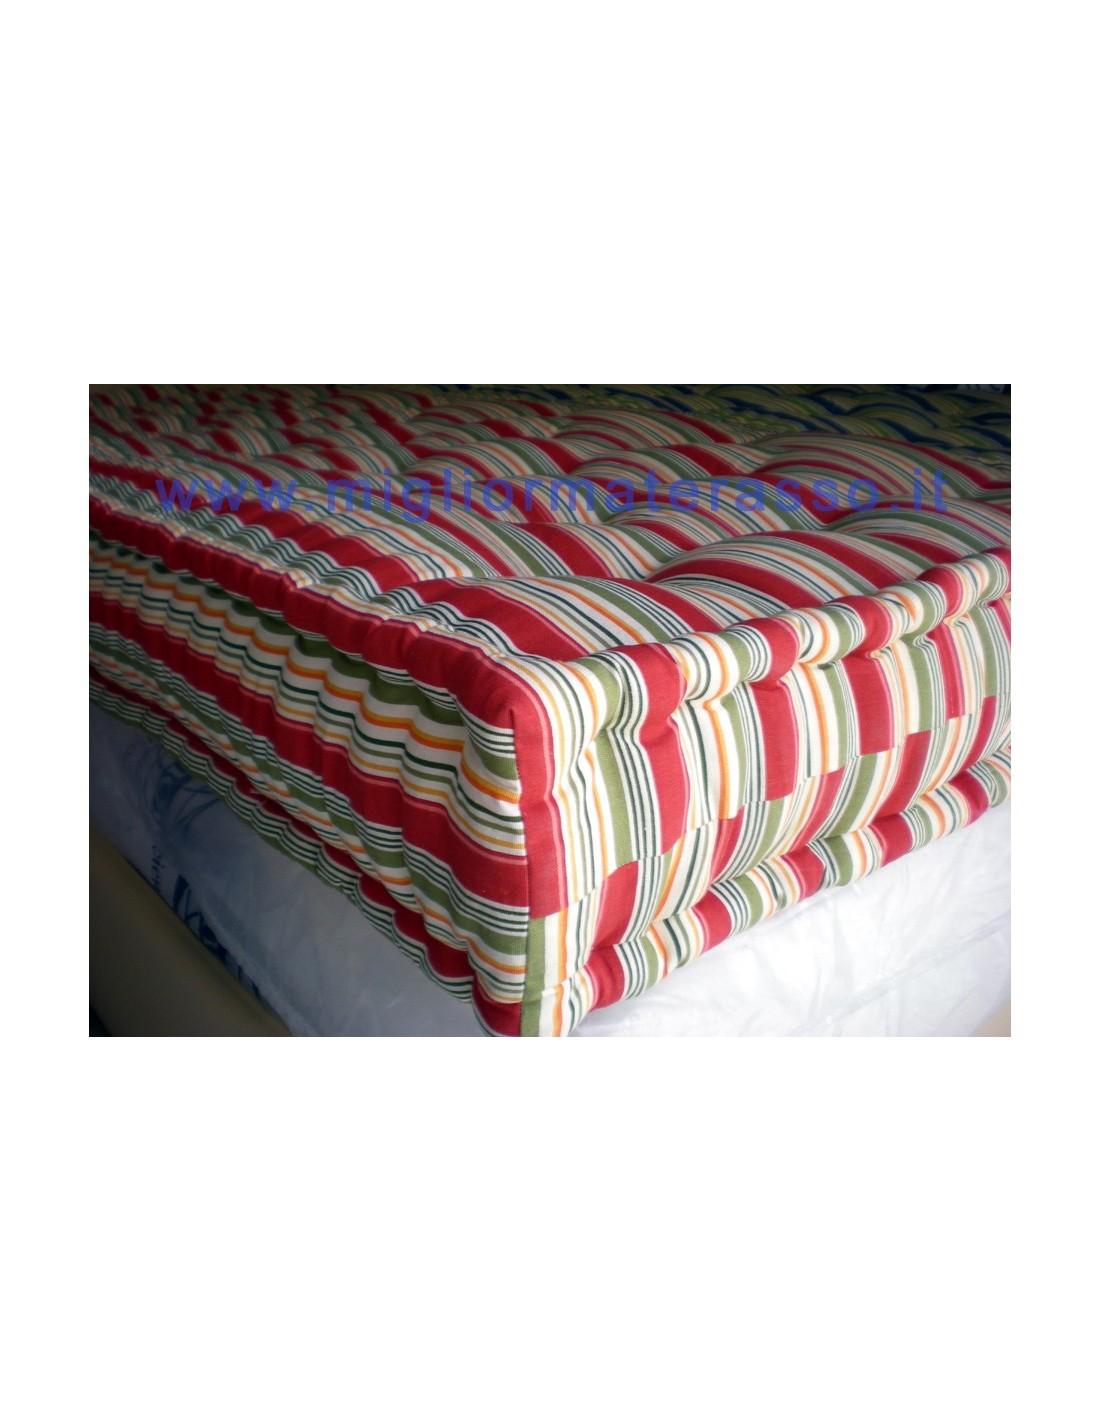 Materassi per divano come cuscini colorati ad uso letto materasso lana - Cuscini per divano letto ...